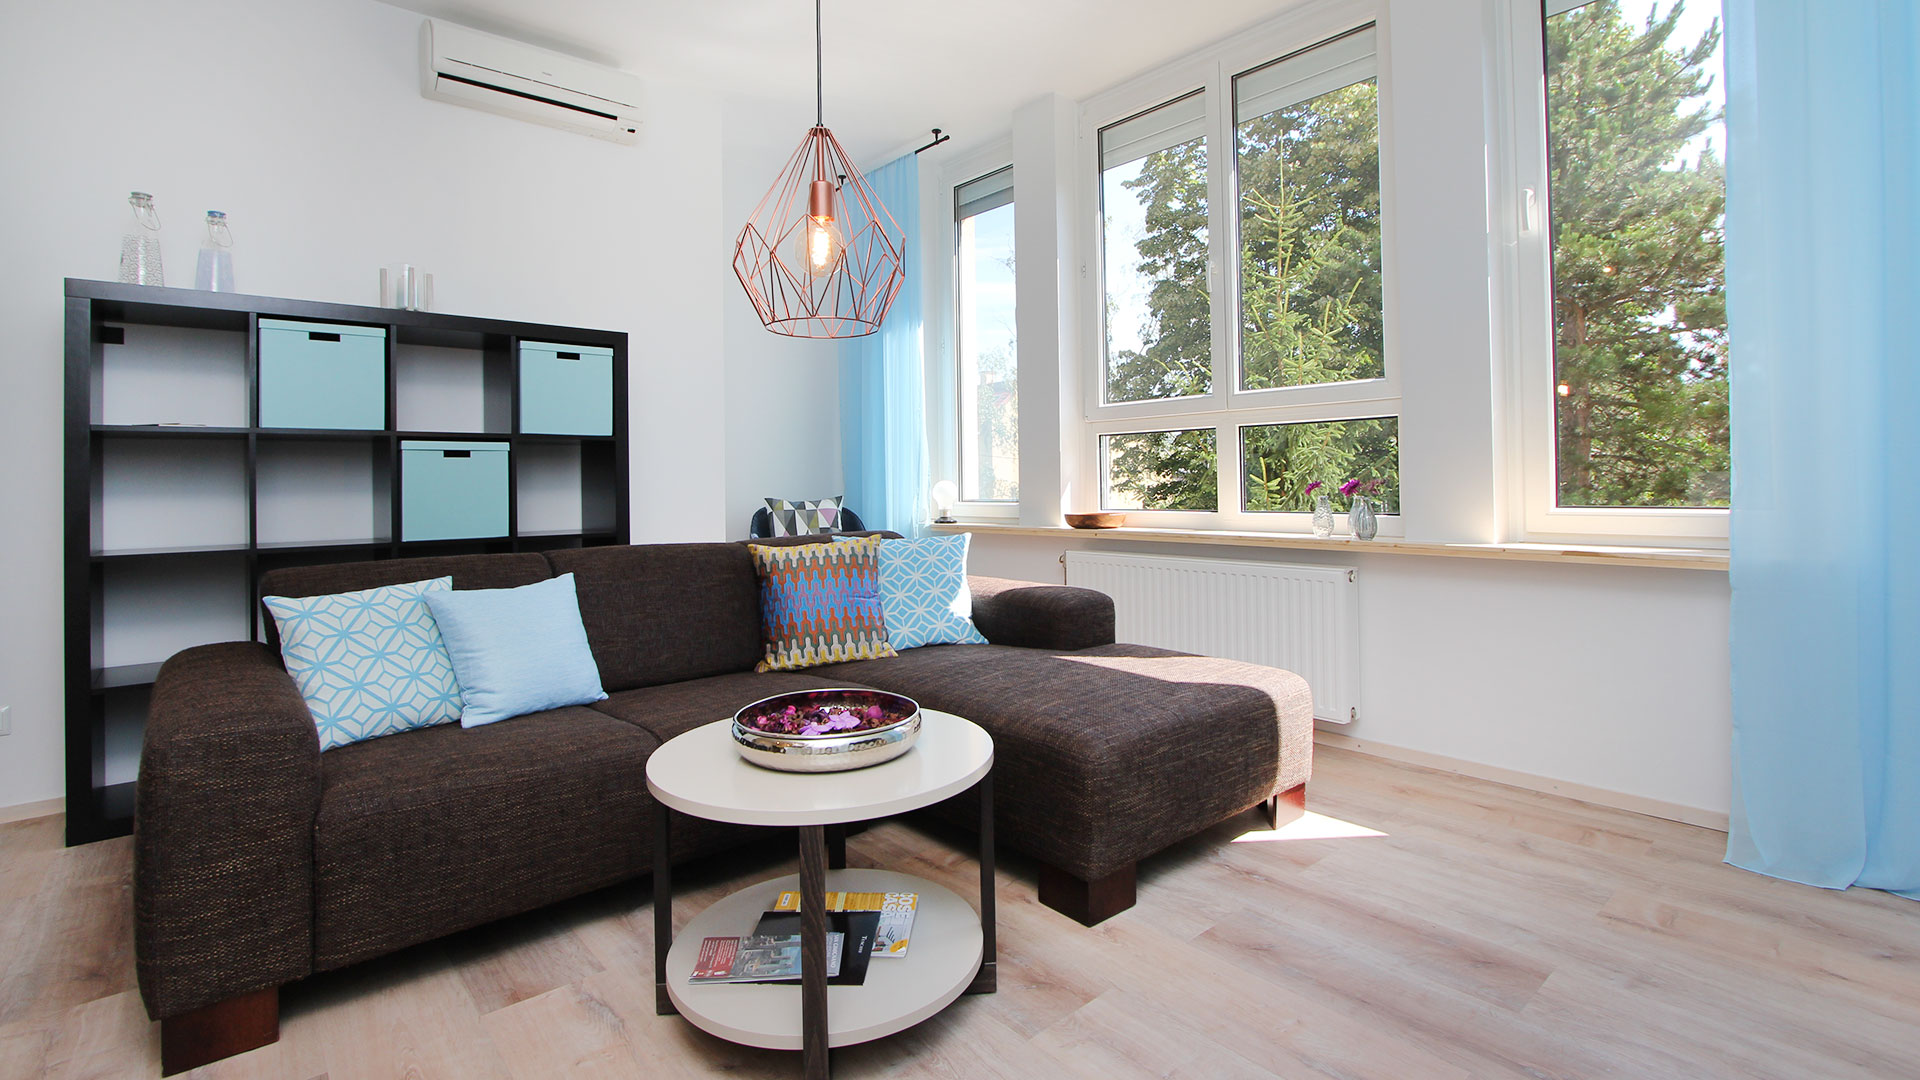 Slaapbank in woonkamer